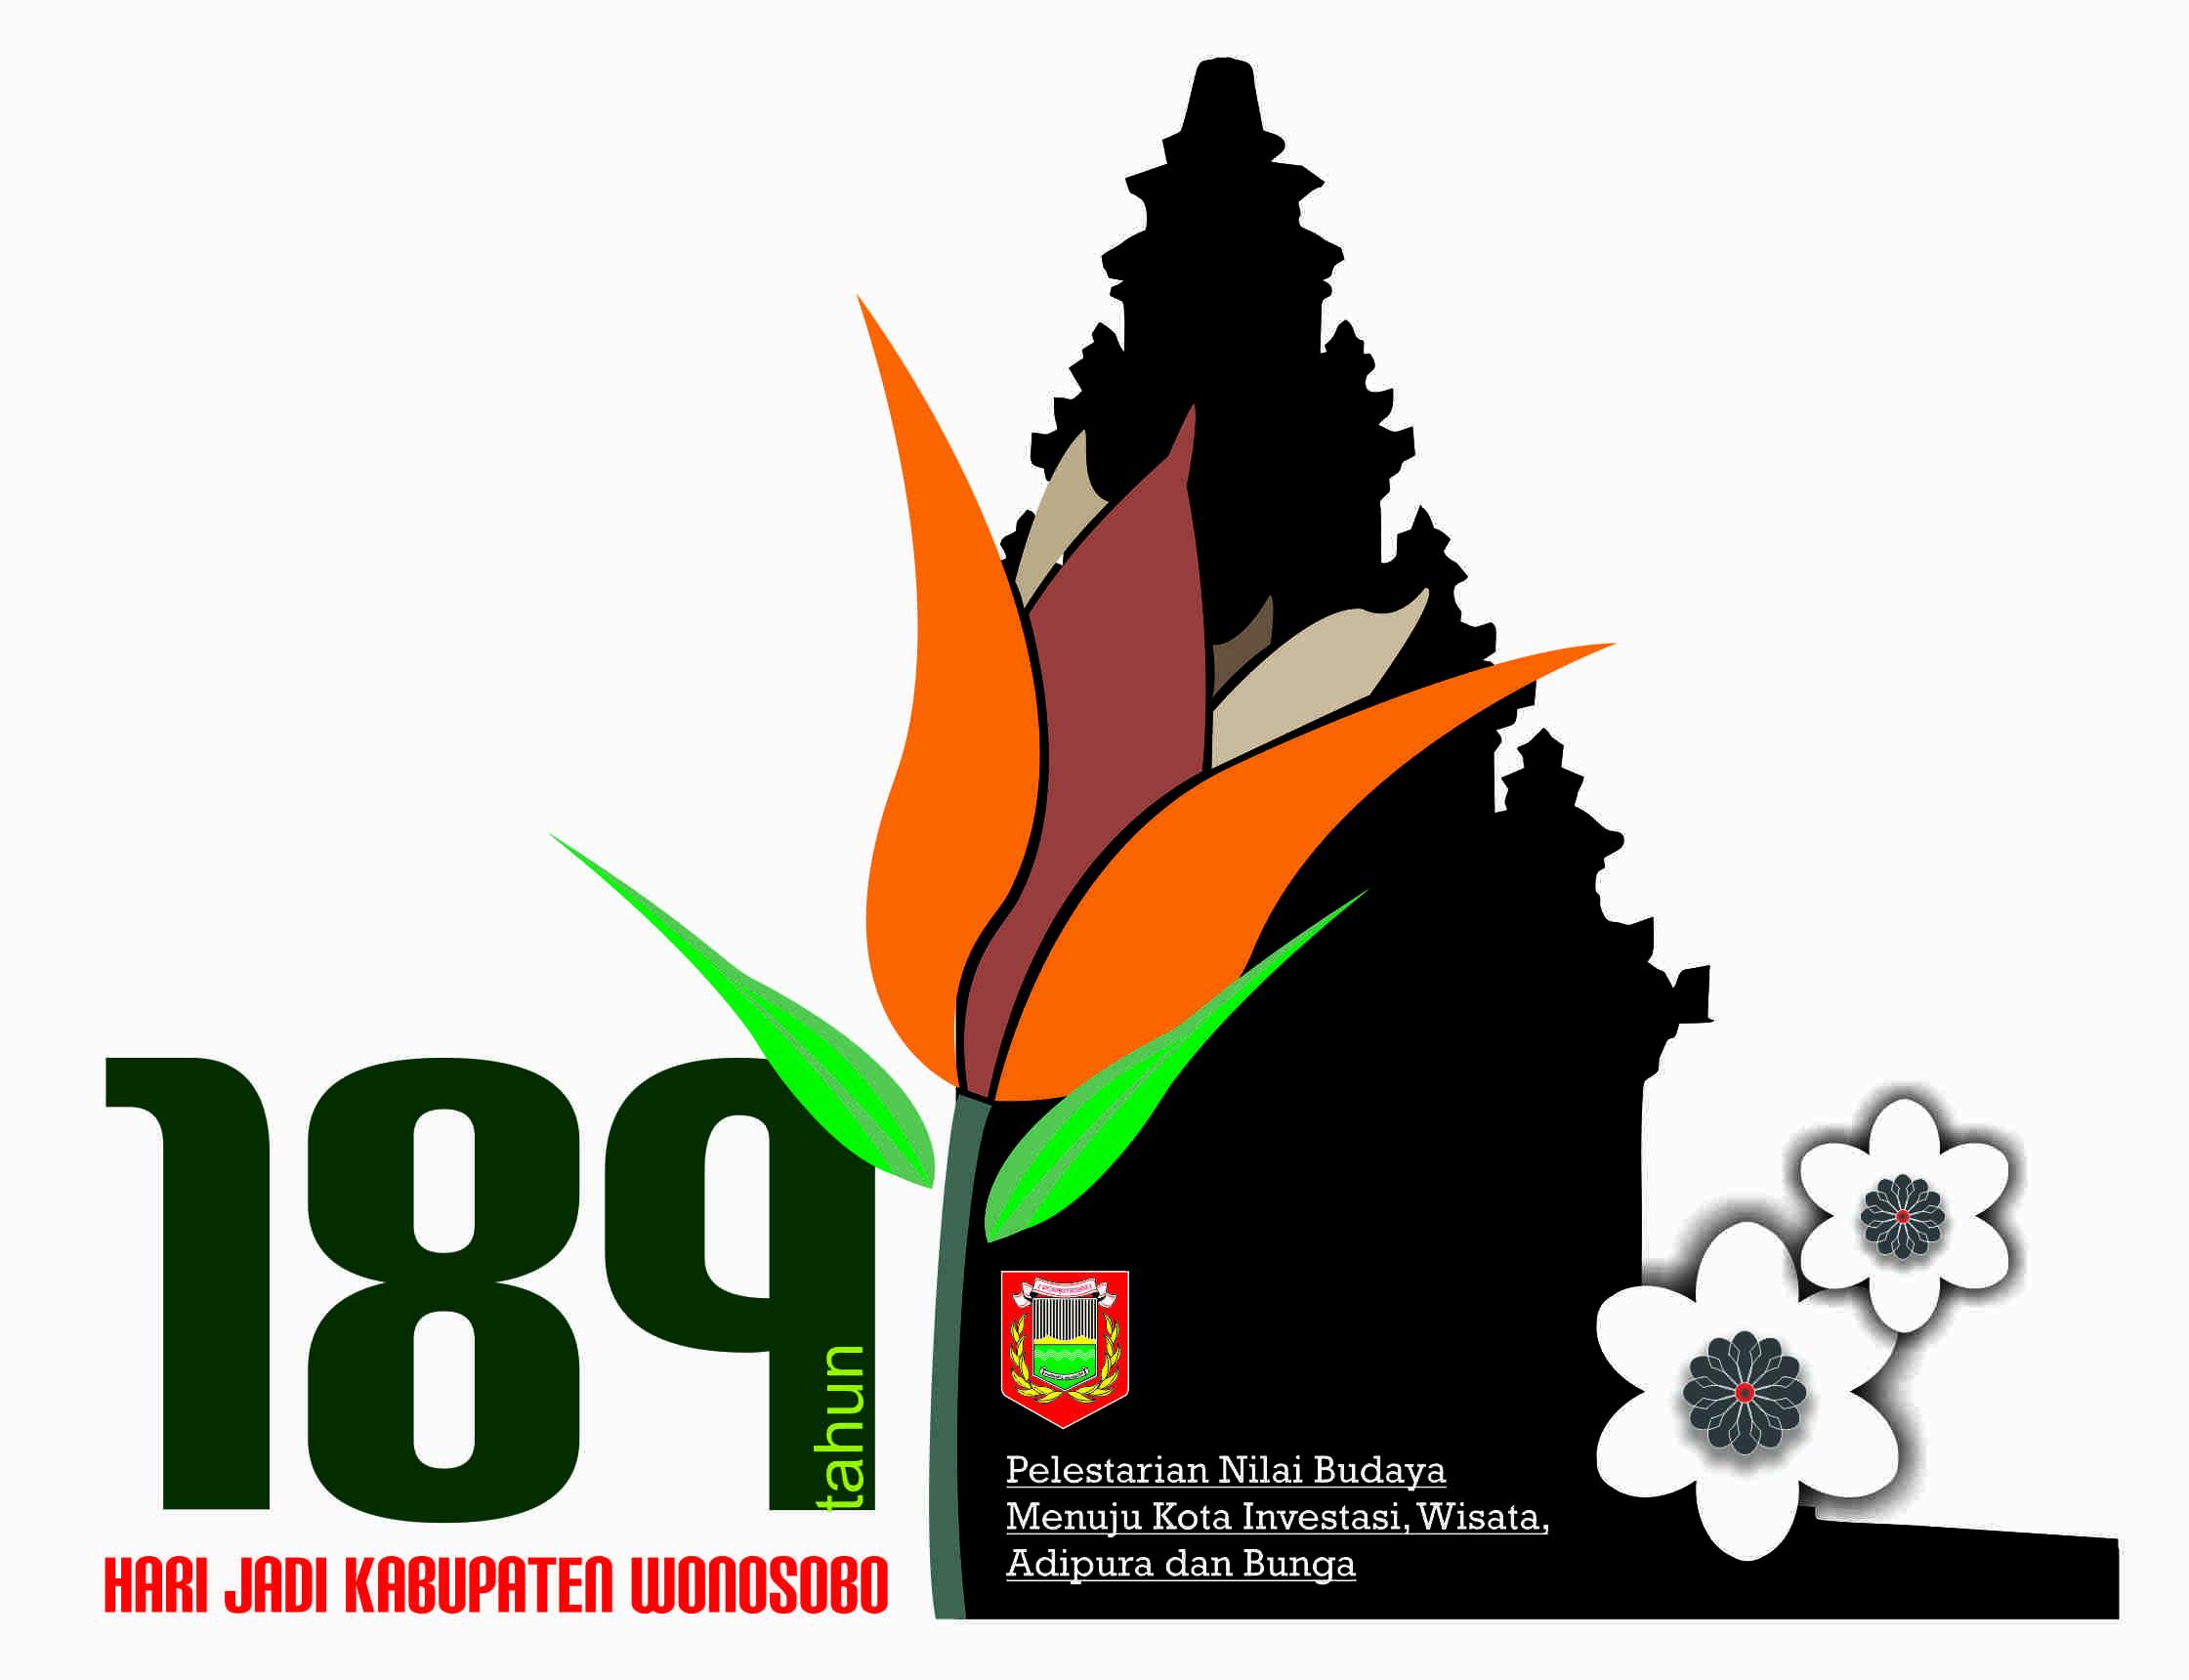 Rangkaian Kegiatan Hari Jadi Kabupaten Wonosobo Ke 189 Tahun 2014 Weningts